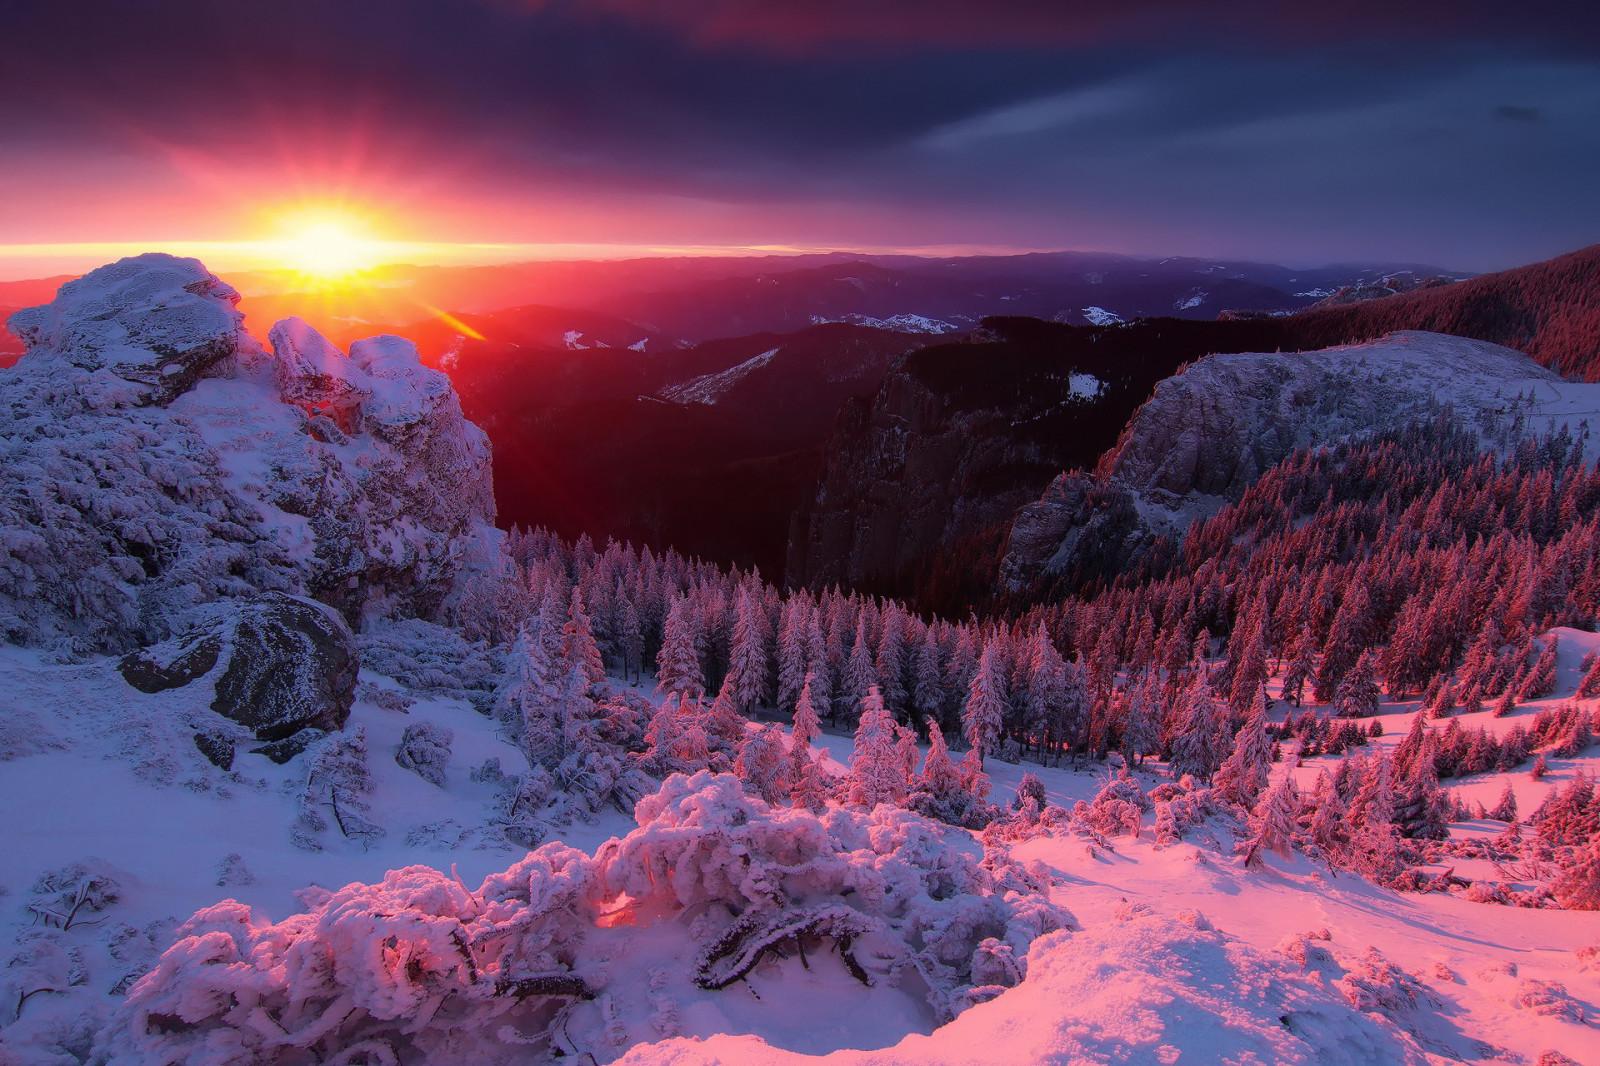 Fond d 39 cran montagnes le coucher du soleil neige hiver lever du soleil soir r gion - Palpitations le soir au coucher ...